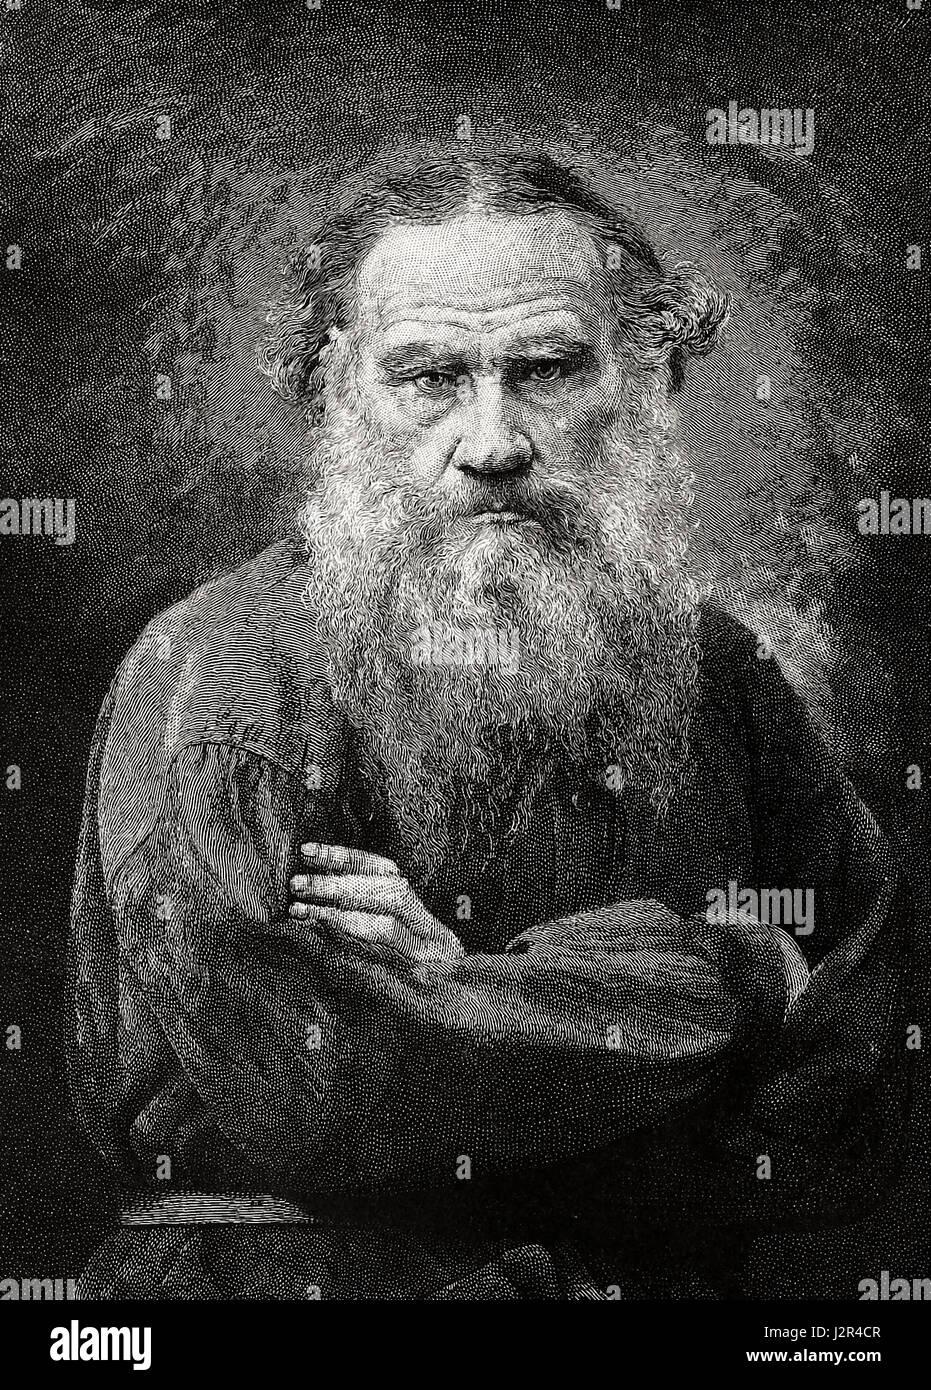 Leo Tolstoy, circa 1886 - Stock Image